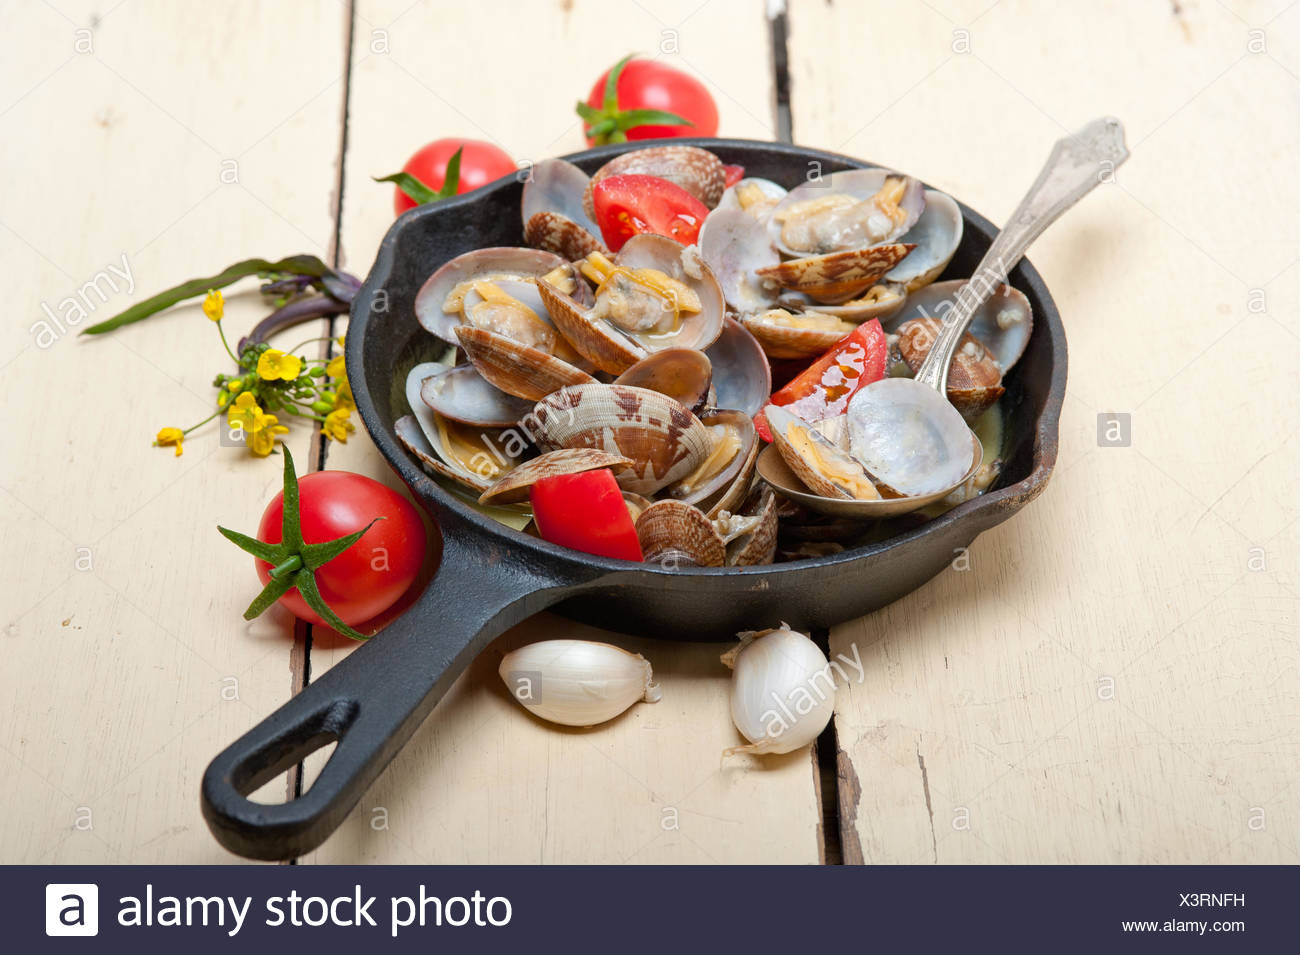 frische Muscheln auf einer eisernen Pfanne Stockbild